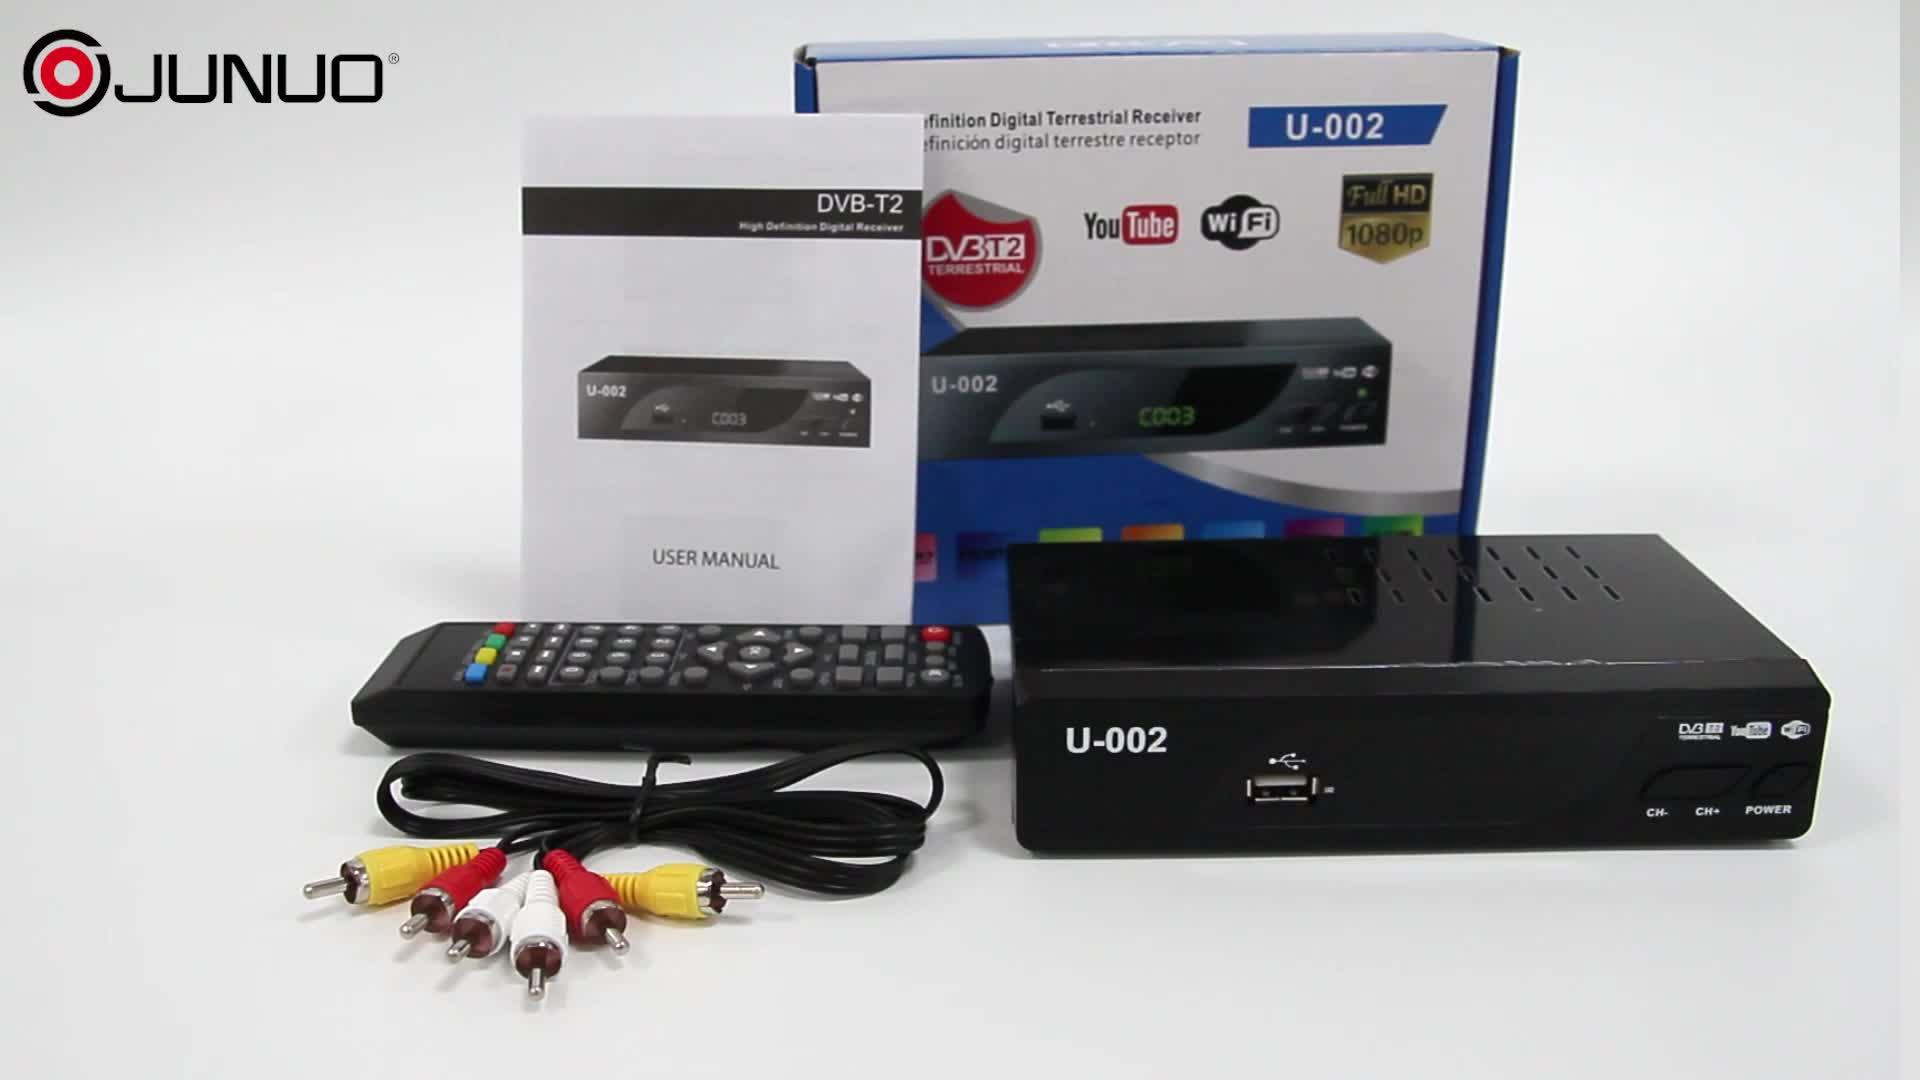 2020 הזול מפעל iptv תיבת DVB T2 דיגיטלי מקלט ממיר מפענח חכם תיבת טלוויזיה לאירופה